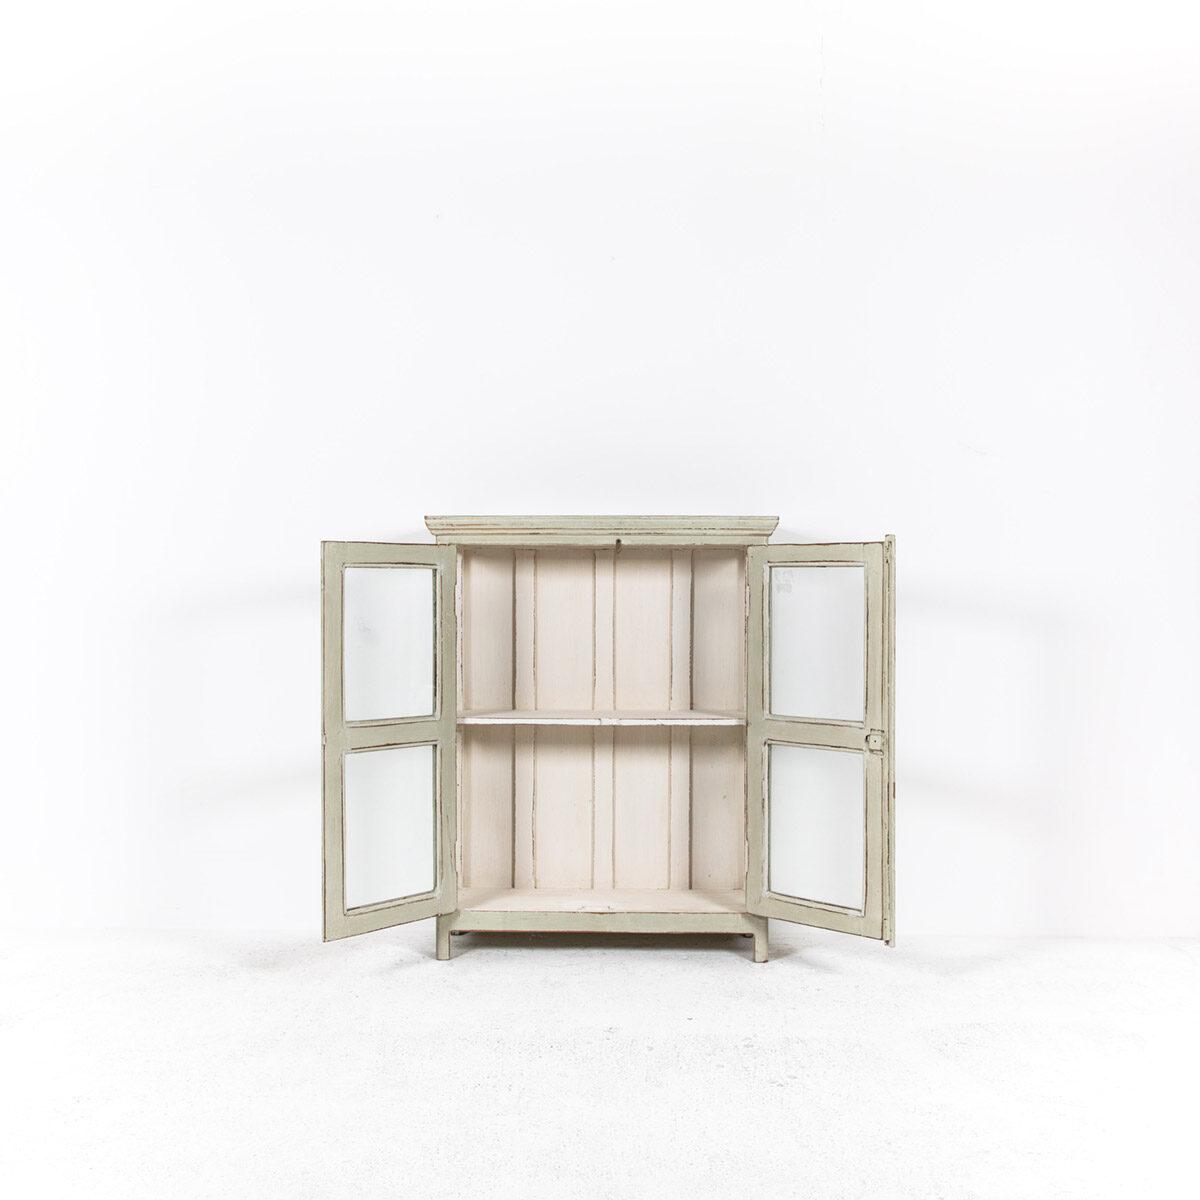 Vitrinekast-2-glazen-deuren-oud-groengrijs-6